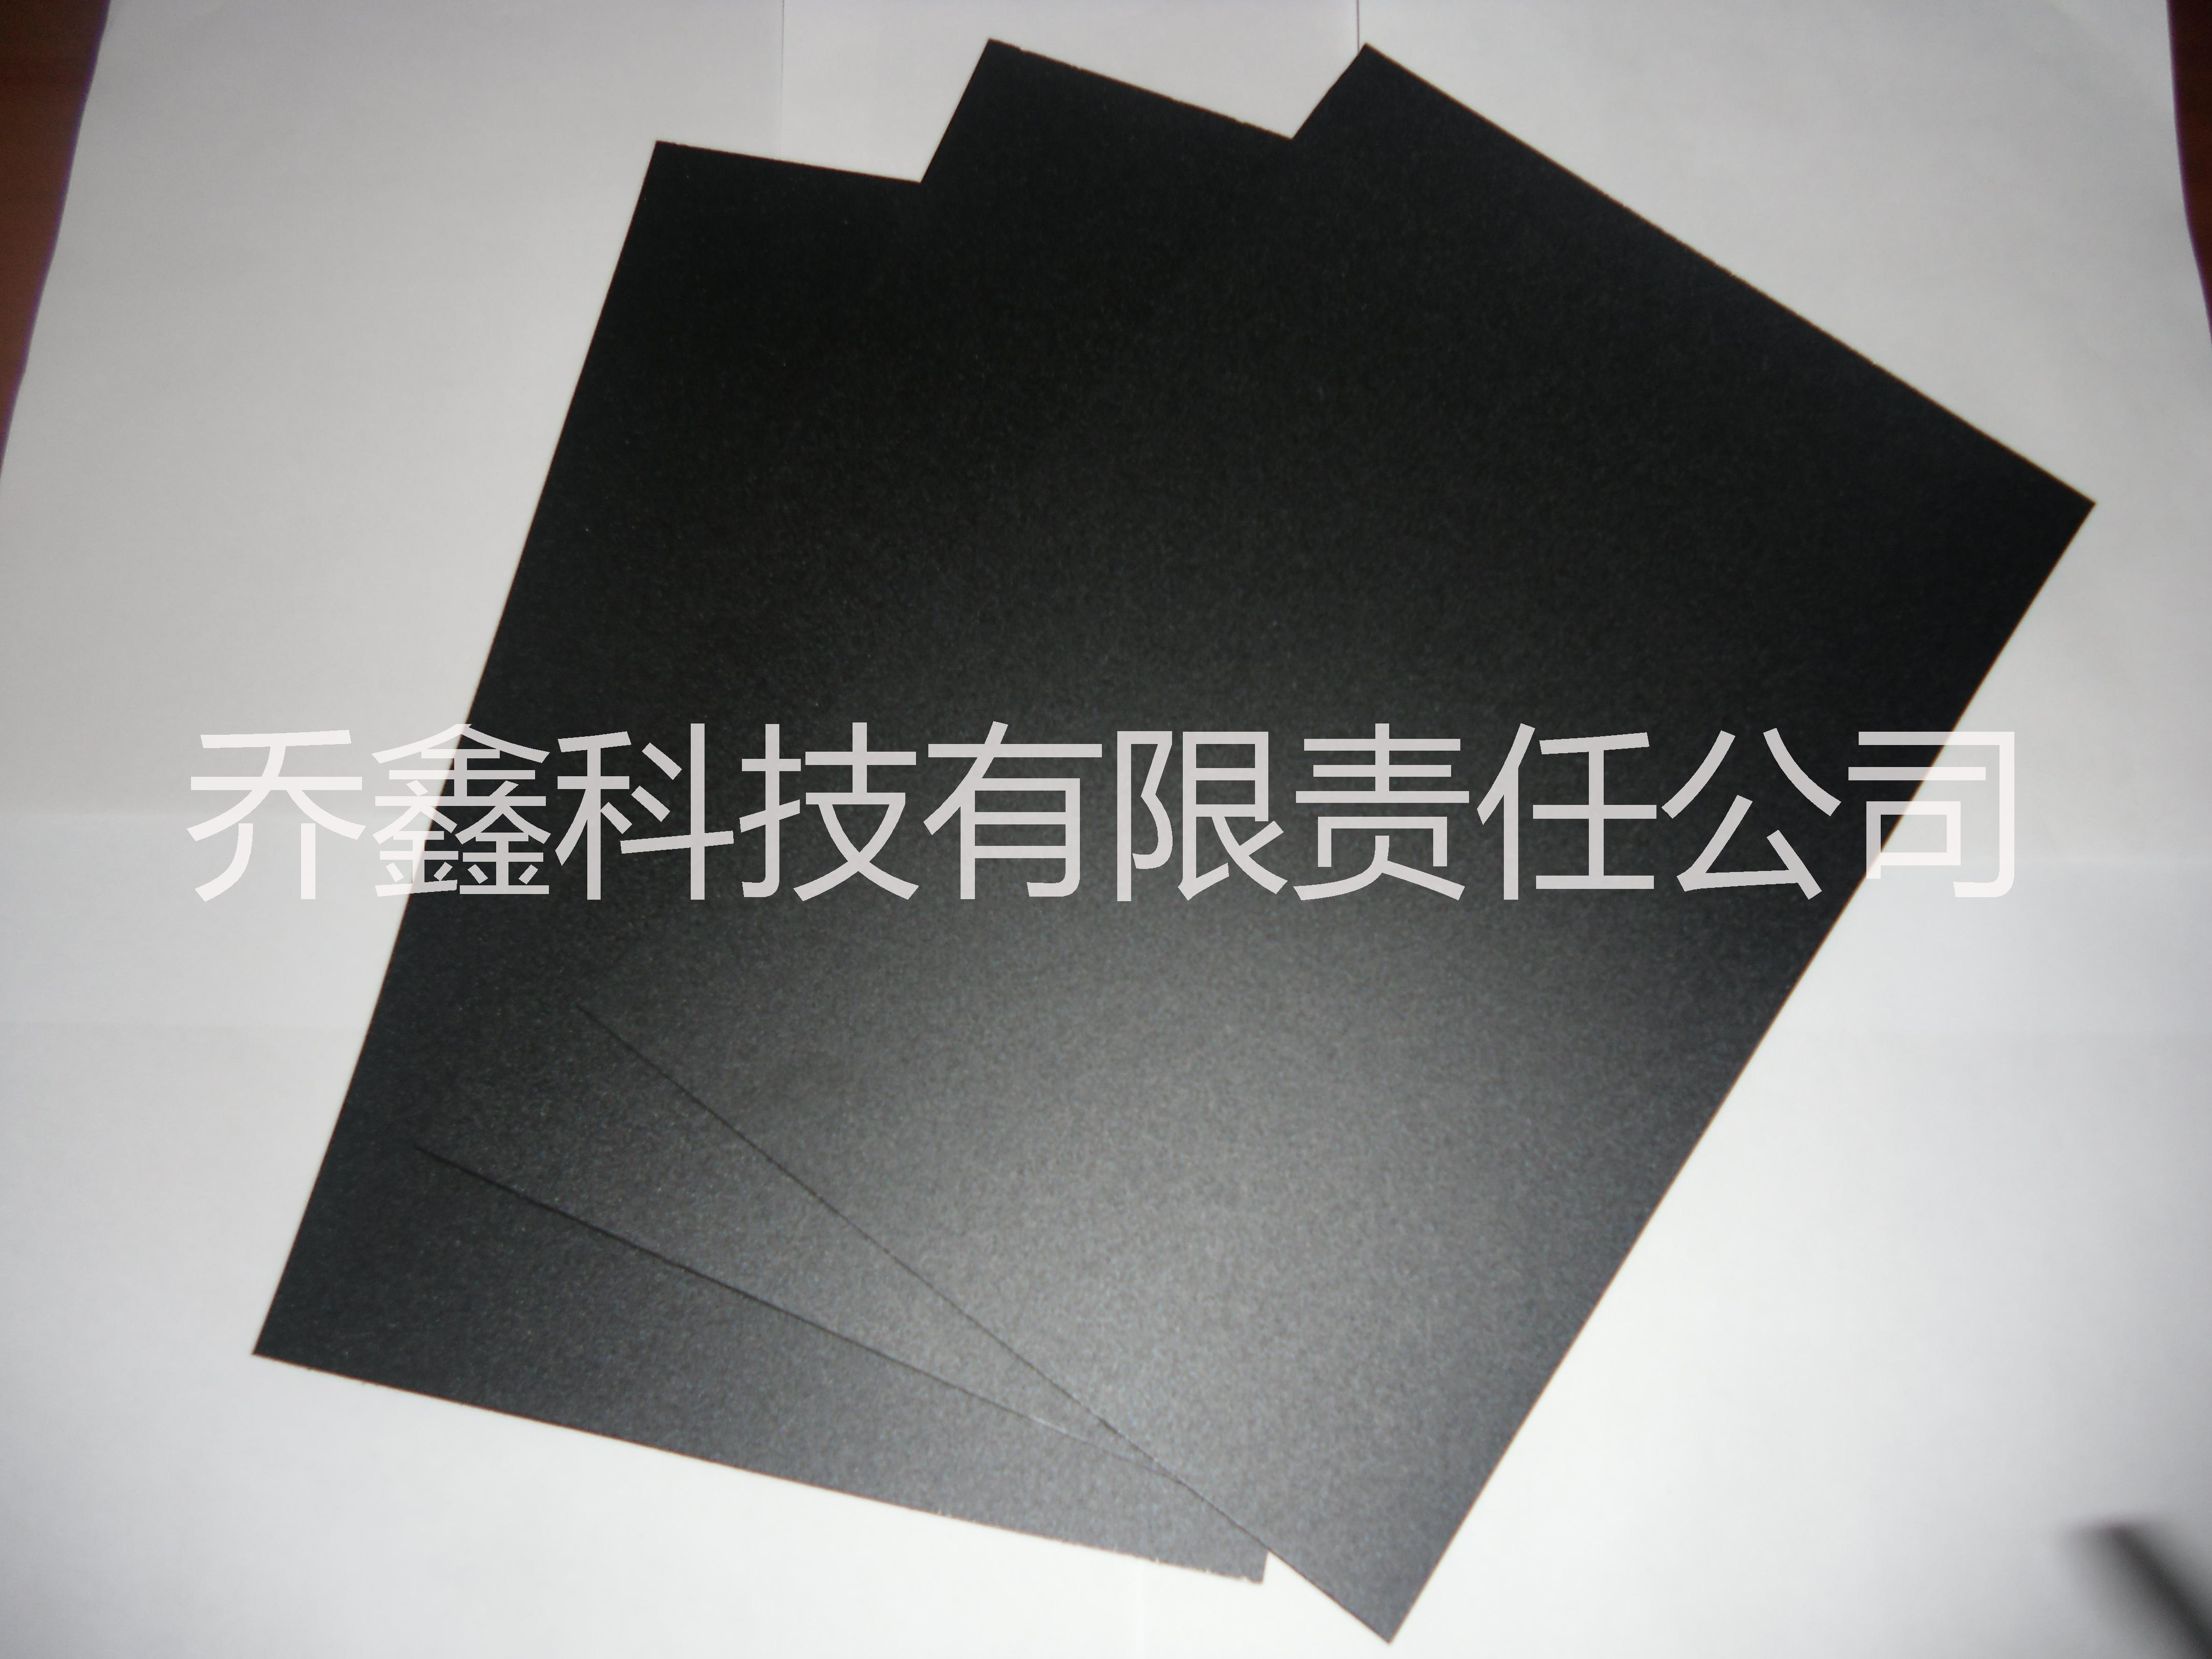 特价批发美国GE pc磨砂 防火阻燃黑色磨砂PC 薄膜FR700 0.175mm 黑色磨砂 黑色磨砂pc 黑色磨砂膜